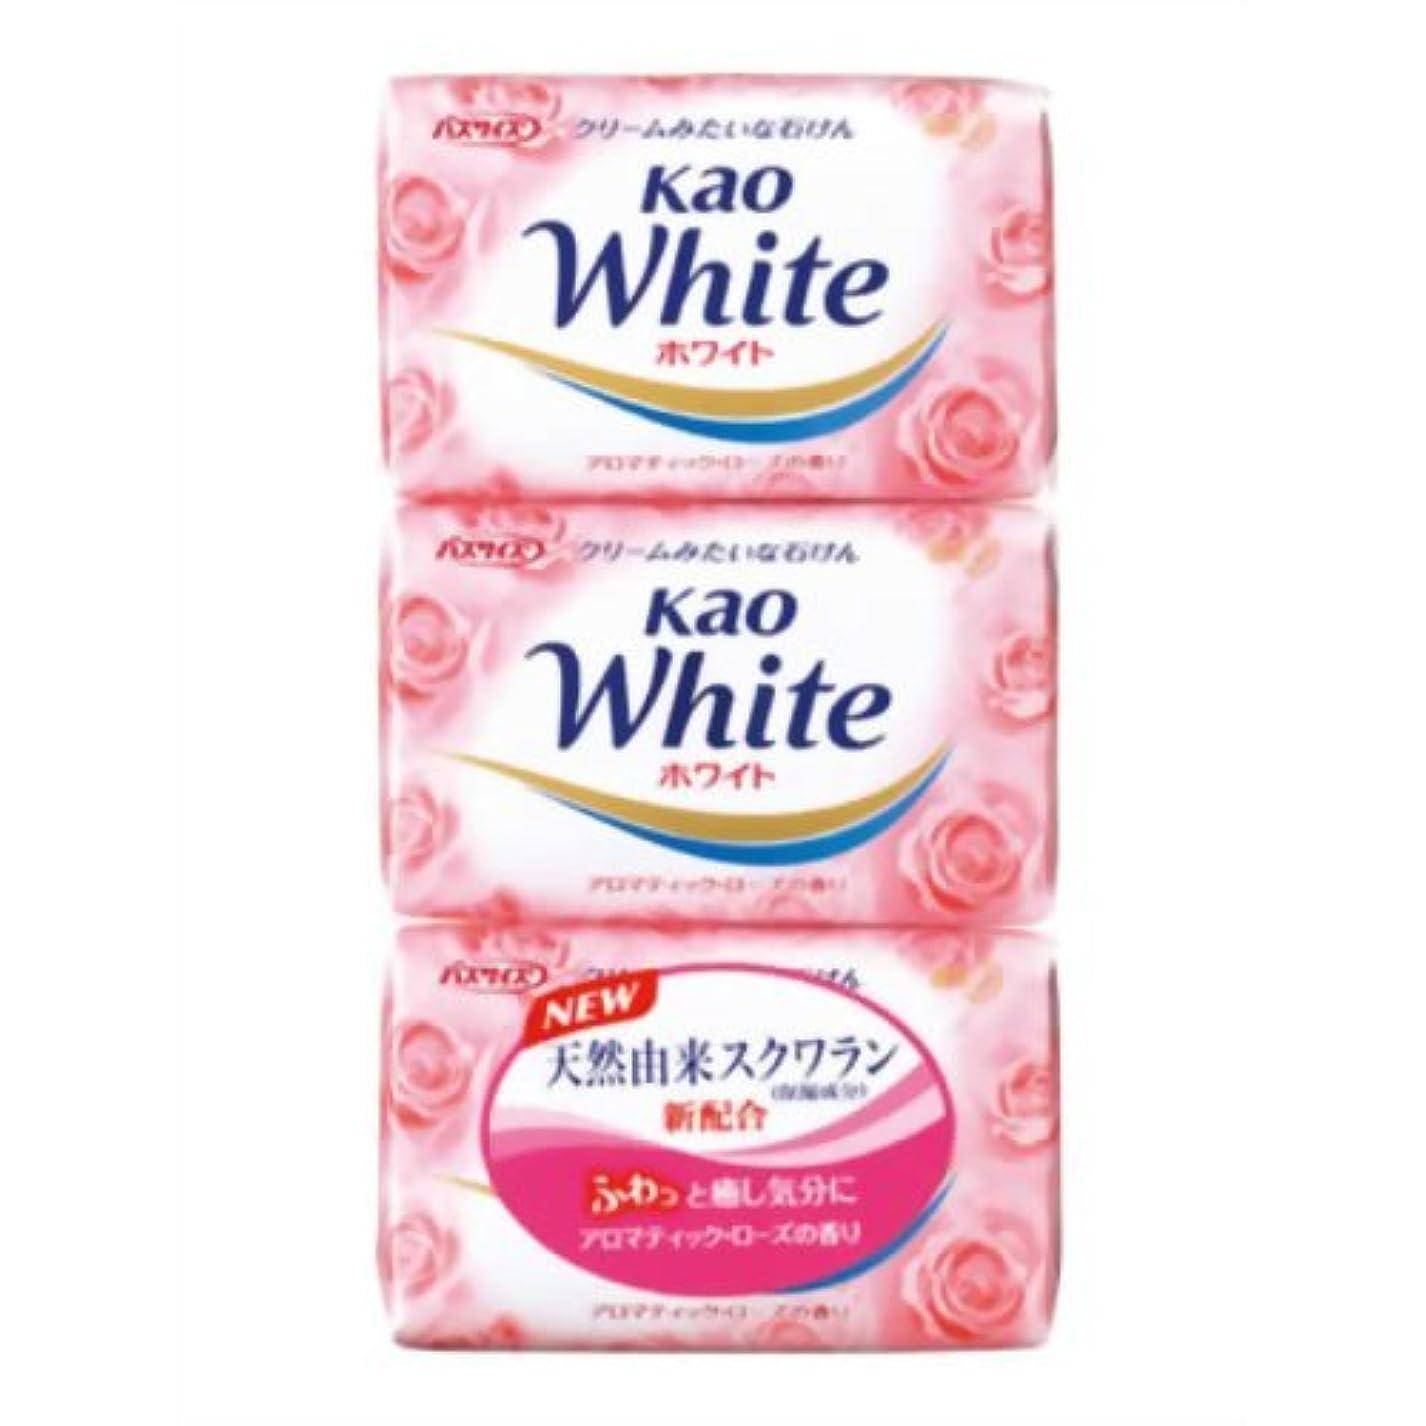 バンカーリダクターがんばり続ける花王ホワイト アロマティックローズの香り バスサイズ 130g*3個入